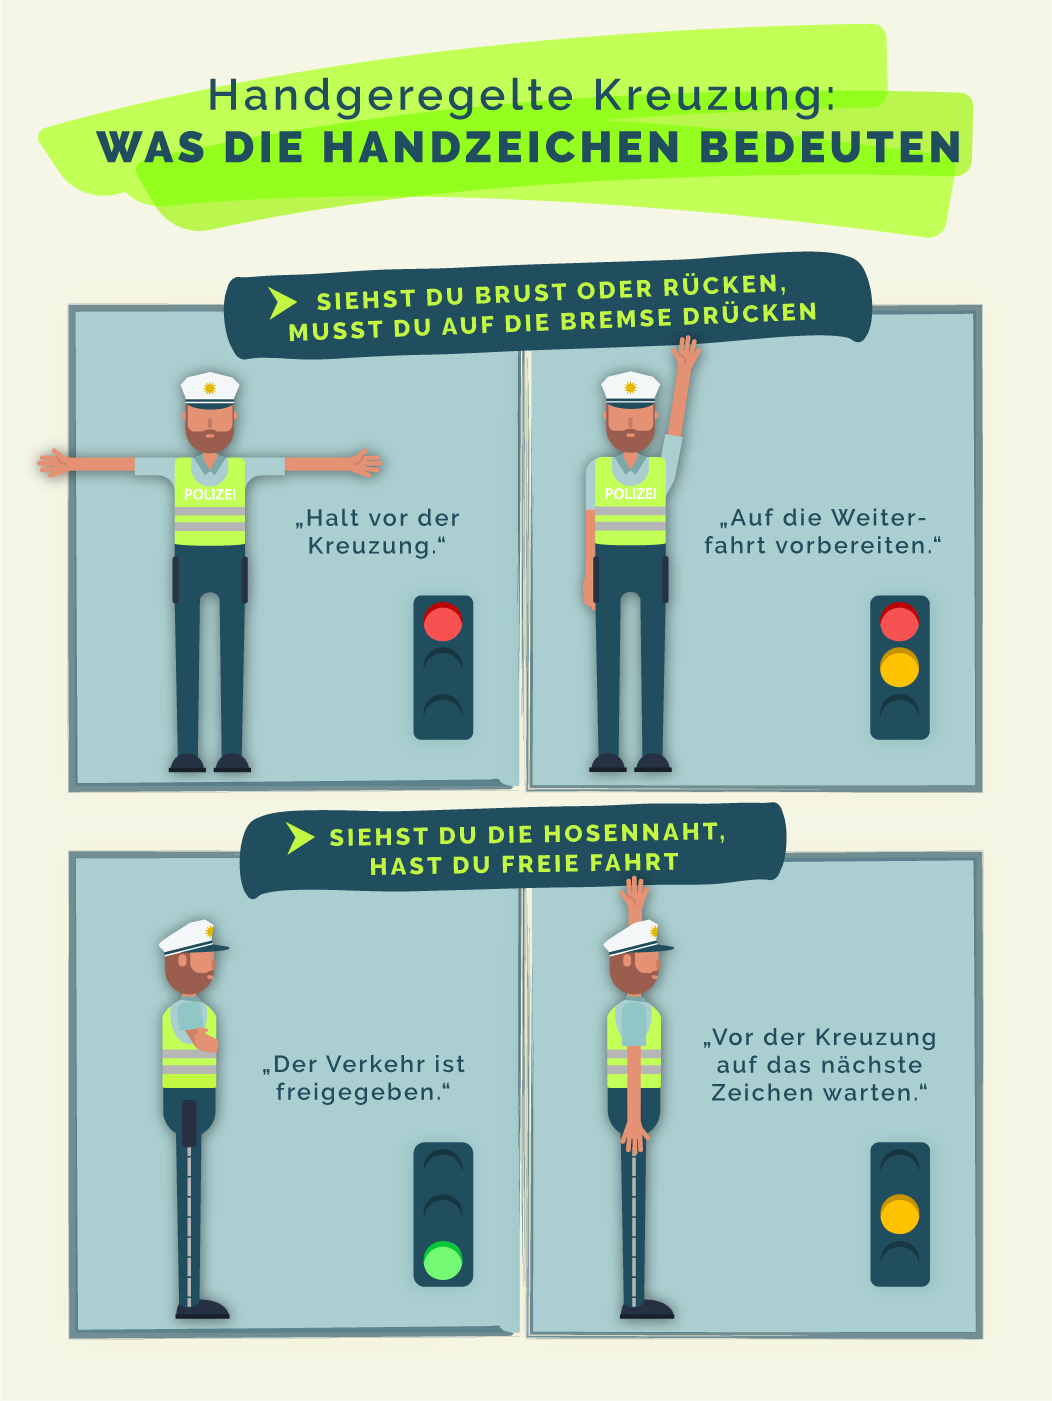 Die Handzeichen der Polizei zur Verkehrsregelung sehen Sie hier anschaulich dargestellt. Für eine größere Ansicht klicken Sie bitte auf die Grafik.